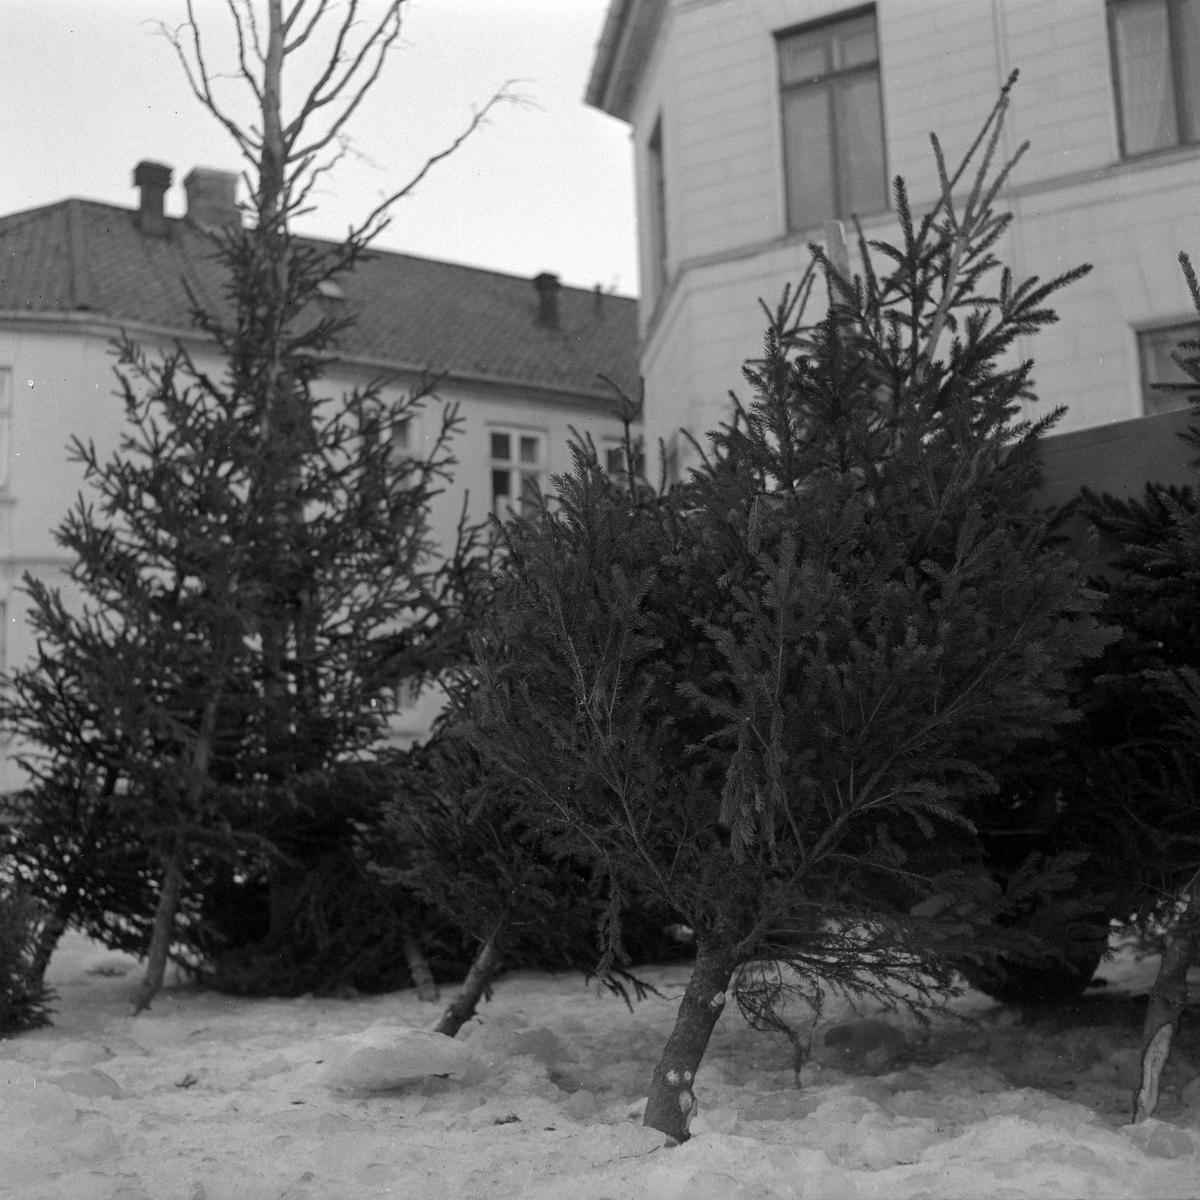 Juletresalg på Torvet